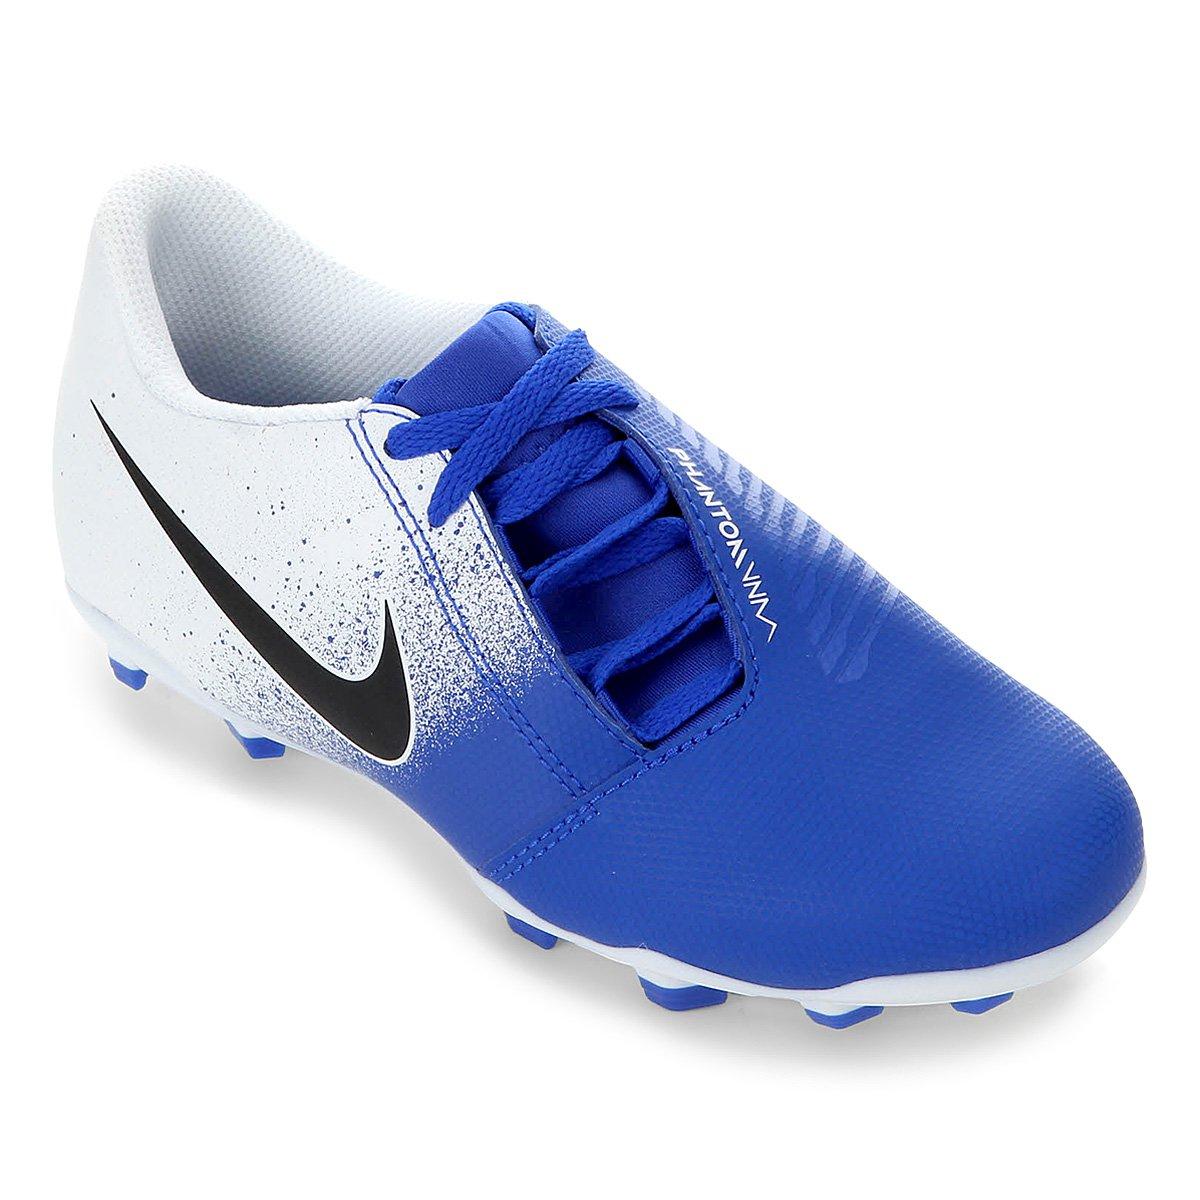 d97e96e394 Chuteira Campo Infantil Nike Phantom Venom Club FG - Branco e Azul ...